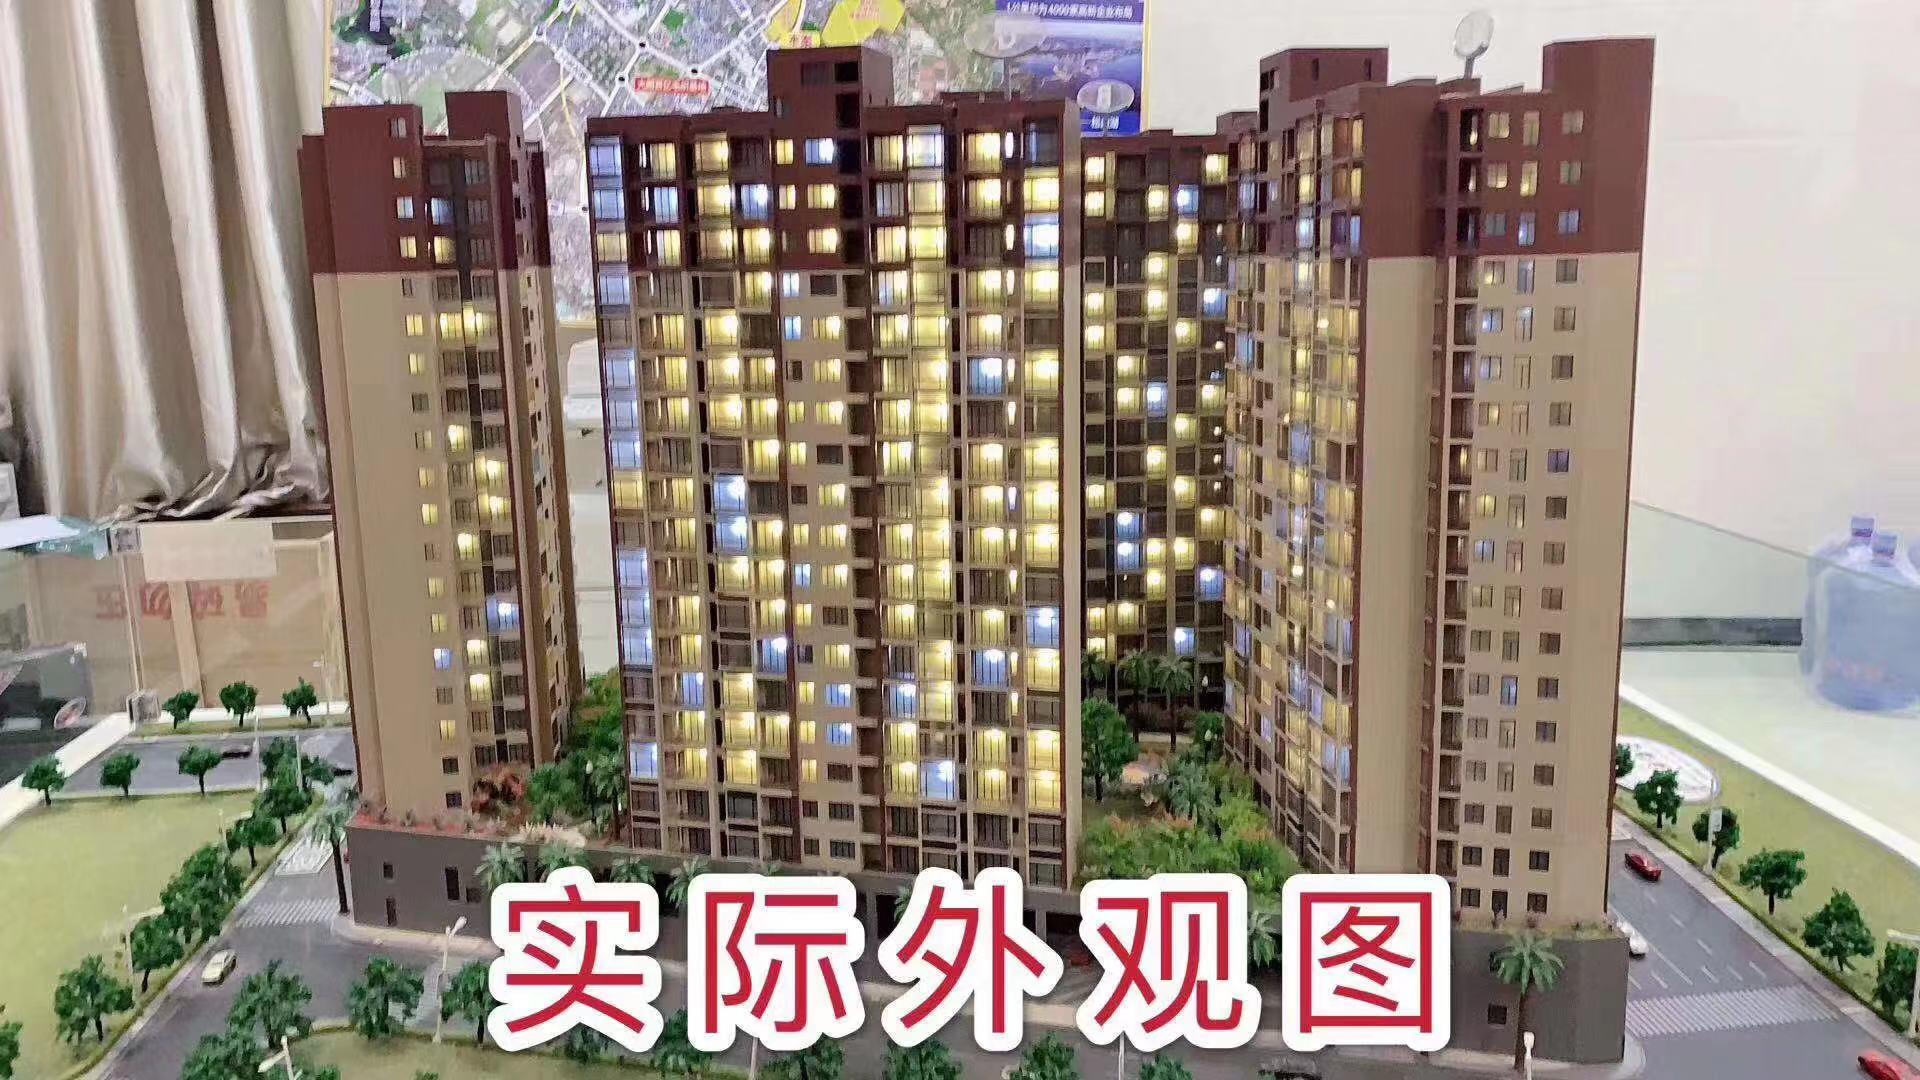 松山湖6栋大型花园洋房【东方明珠】高端住房1:1车位